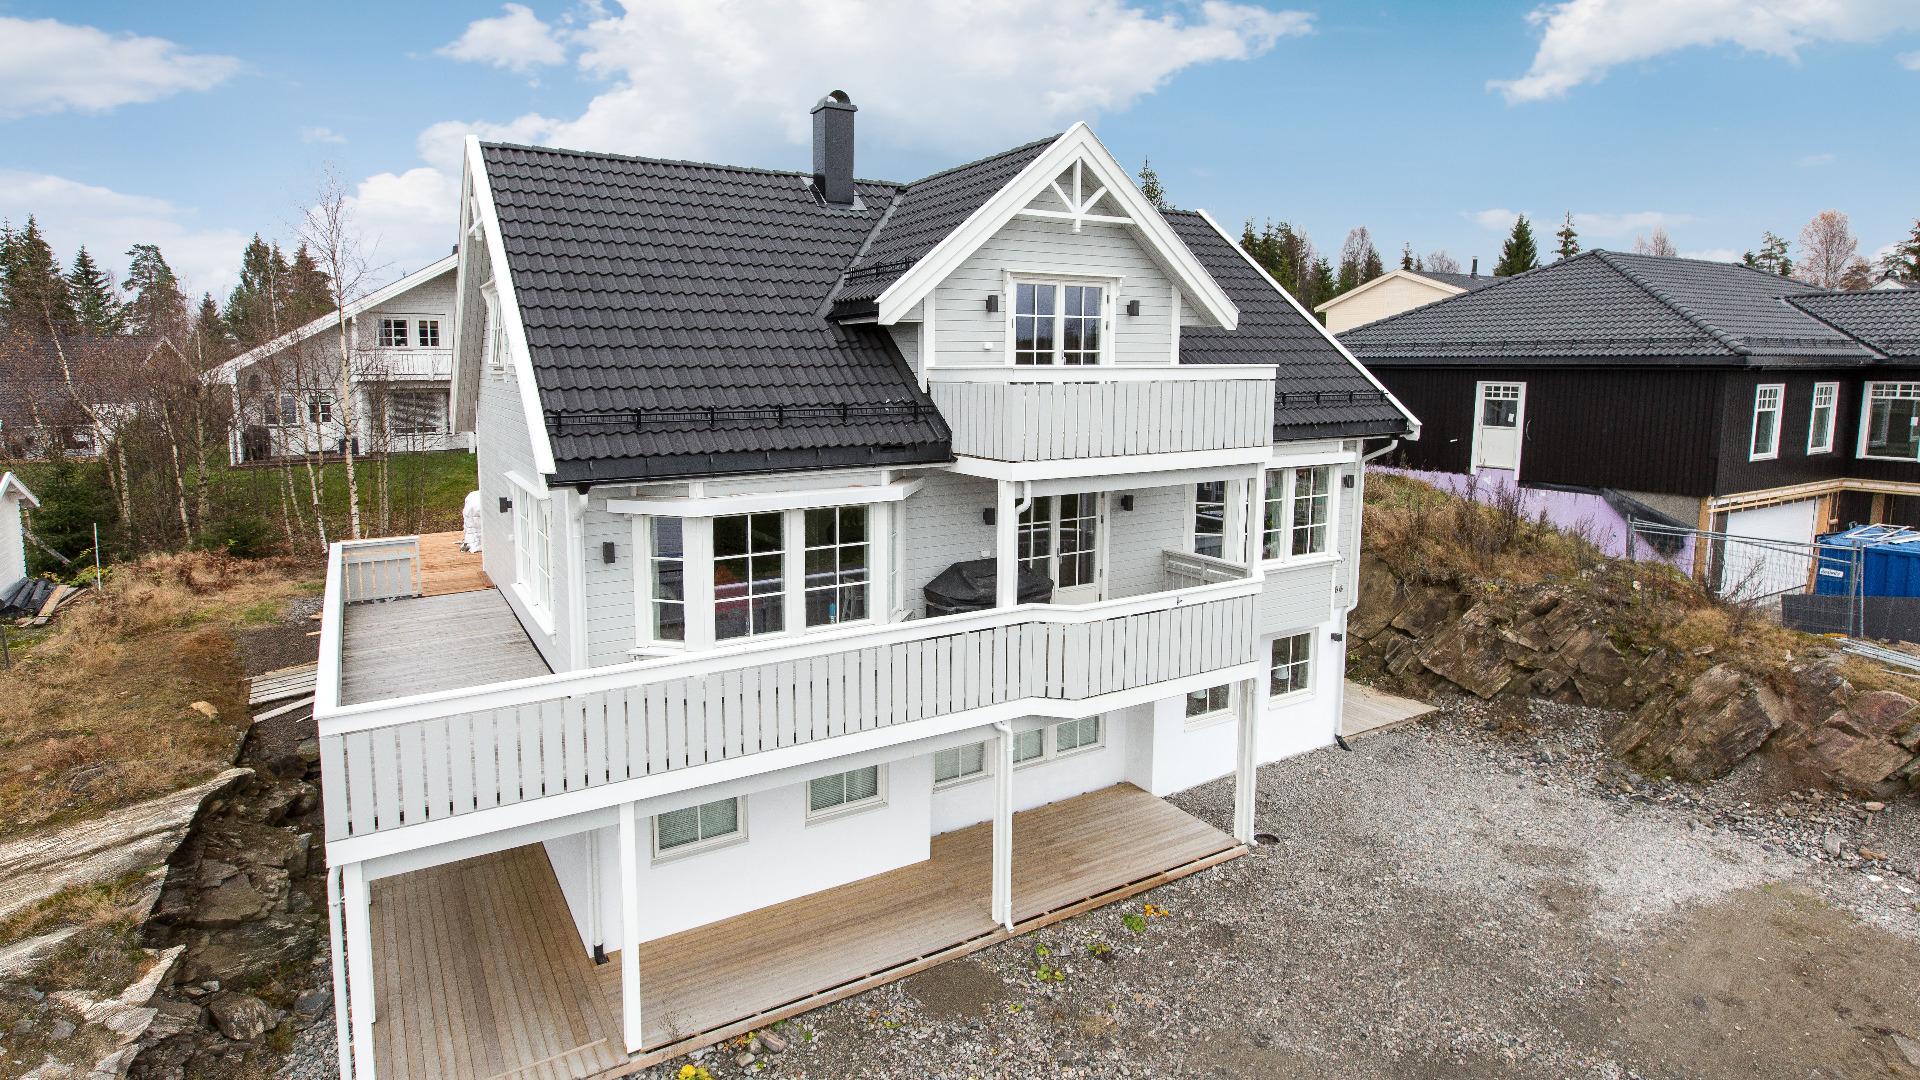 En mer tadisjonell fasade gir Granli et helt annet uttrykk. Akkurat dette huset har fått en liten veranda utenfor loftstua, i tillegg til karnapper i oppholdsrommene i første etasje.